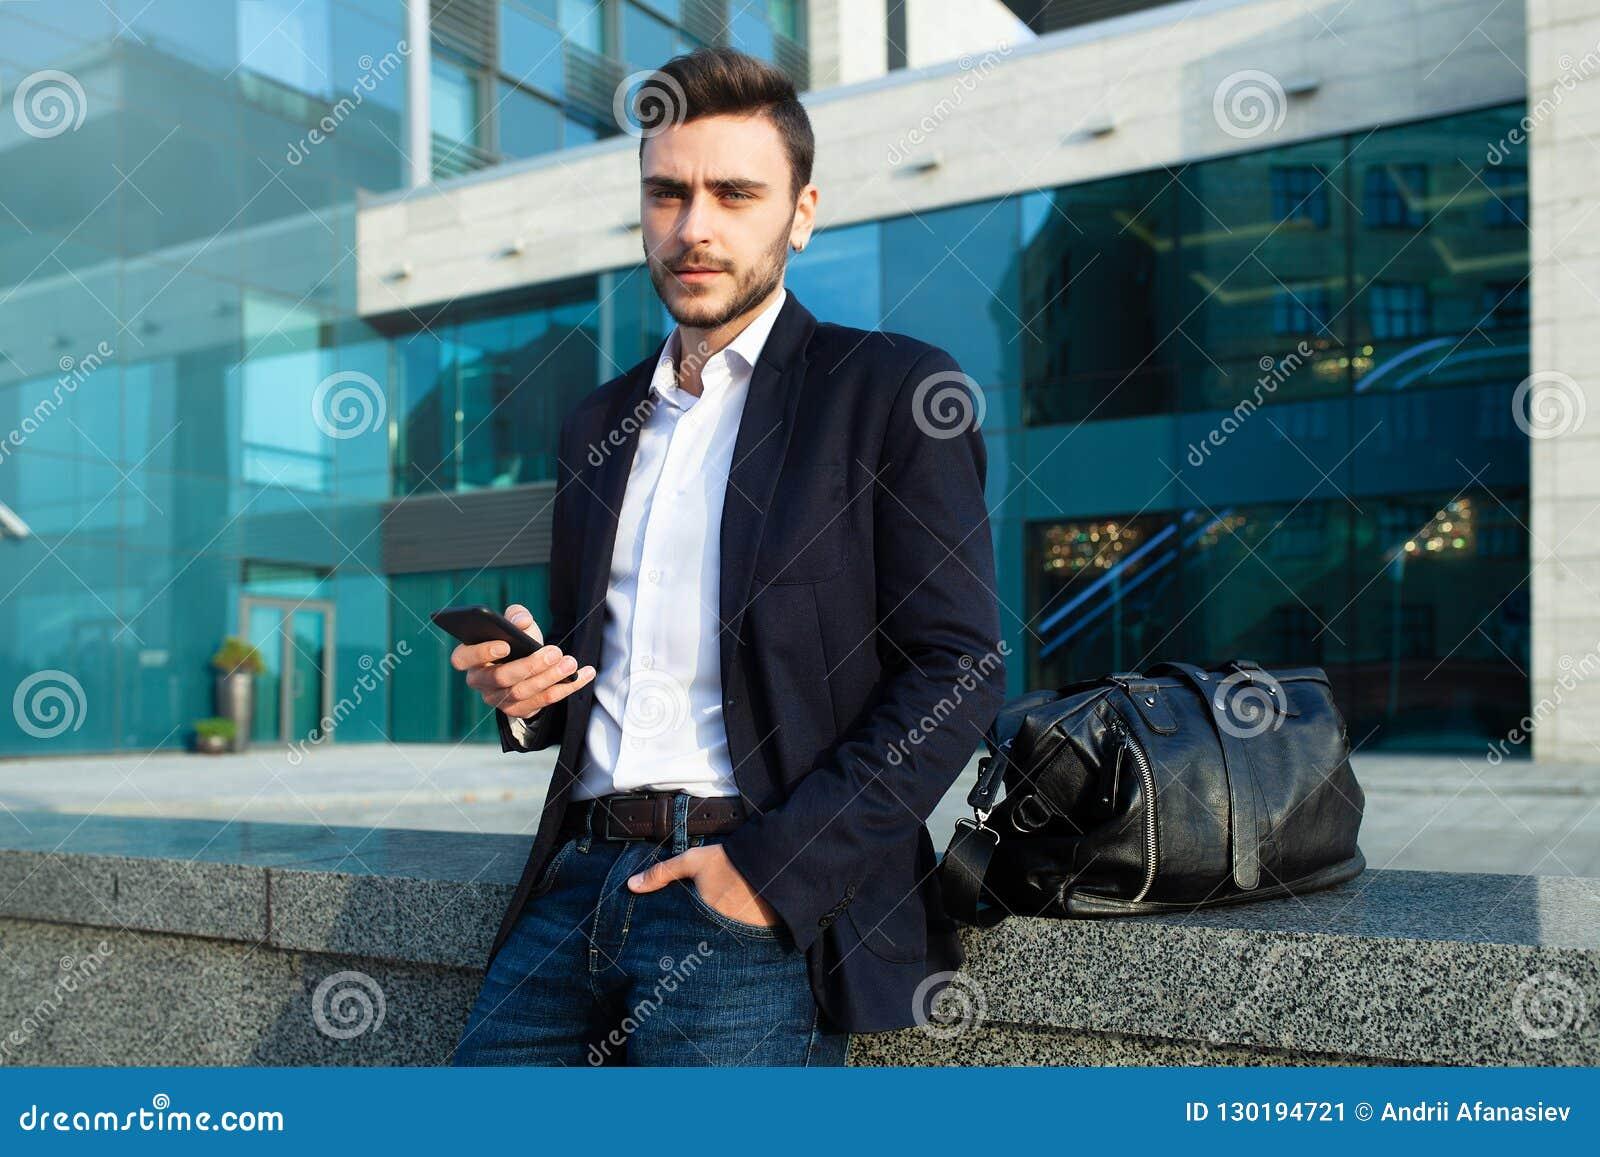 Hombre de negocios milenario con un teléfono móvil en sus manos Hombre elegante del negocio acertado joven con un bolso de cuero